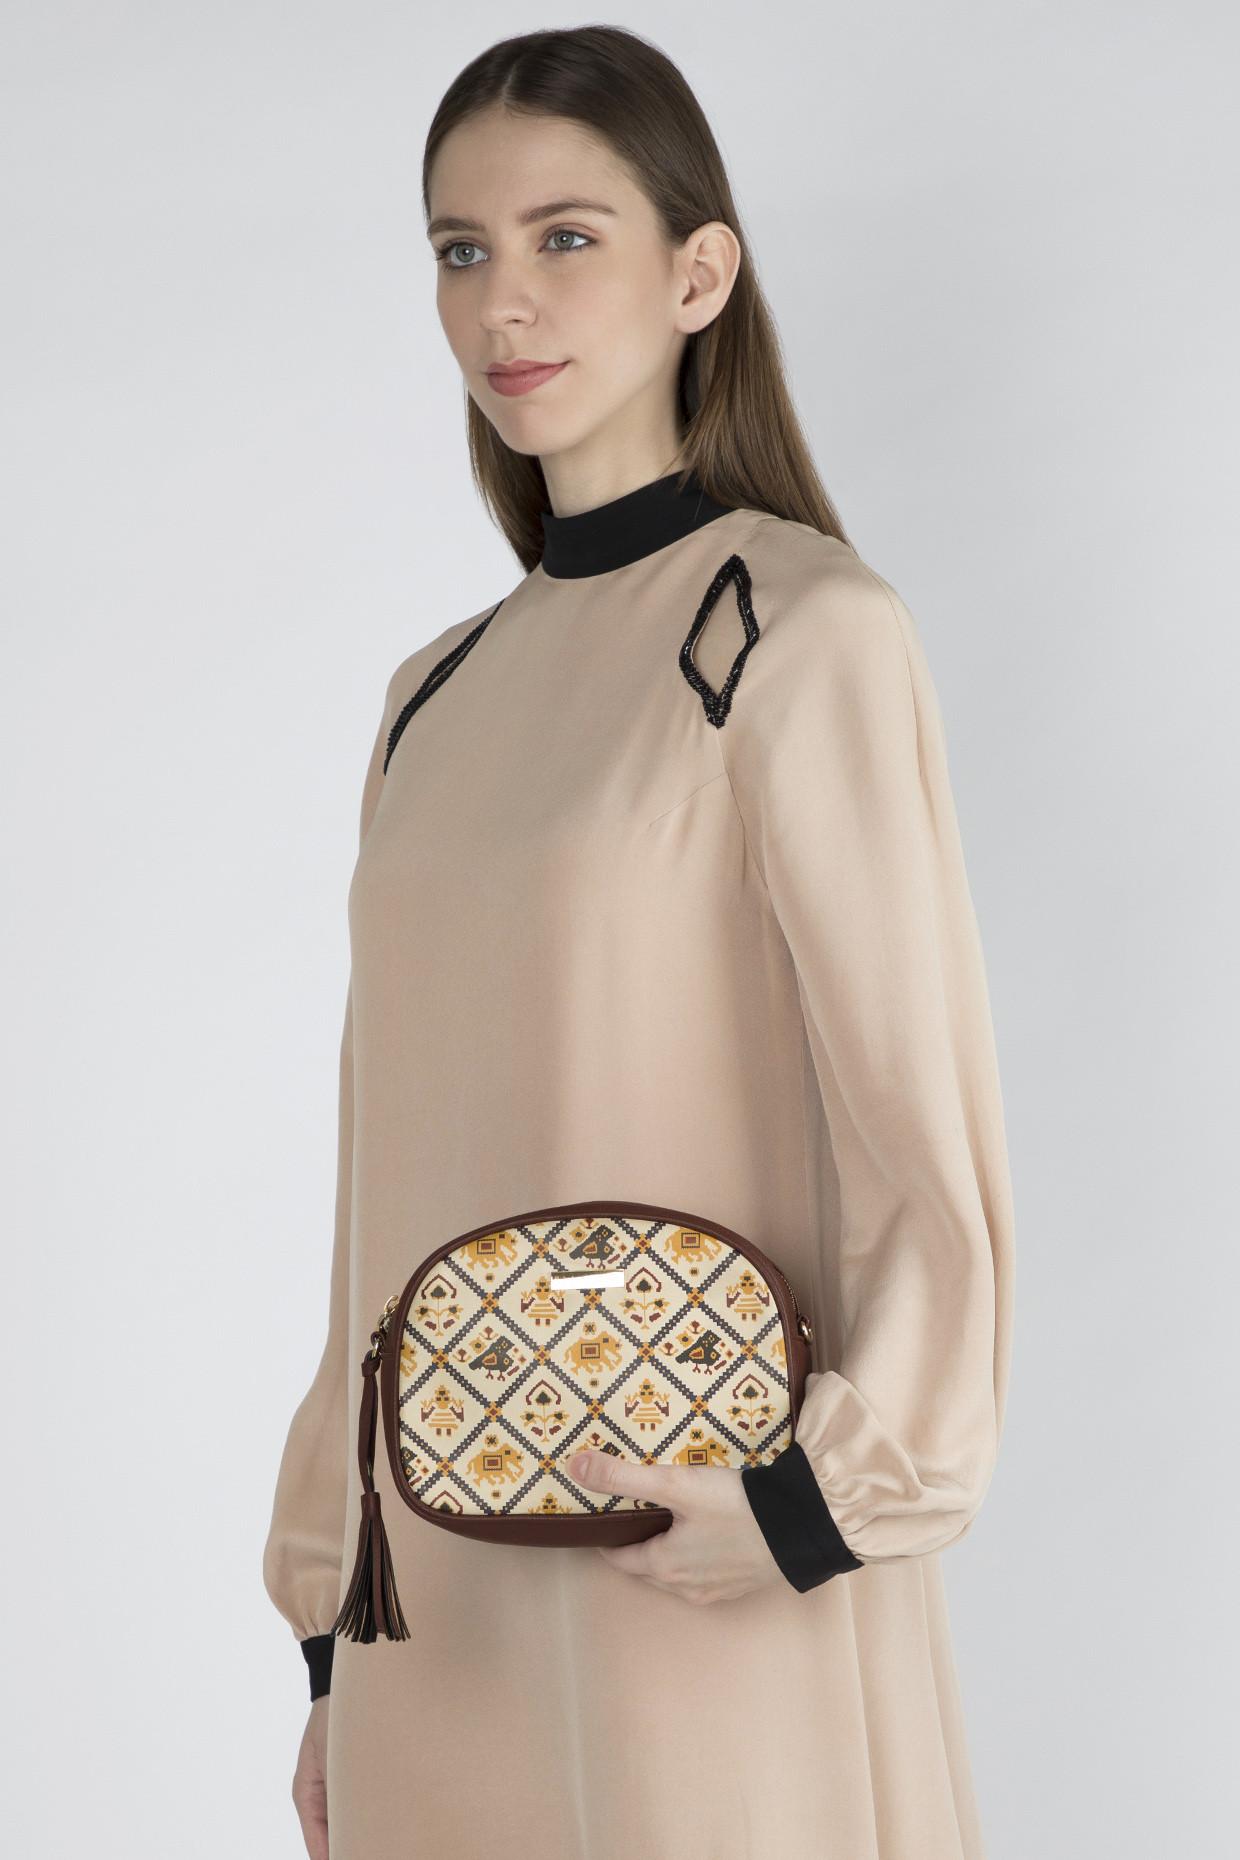 Maroon Printed Sling Bag by Imars